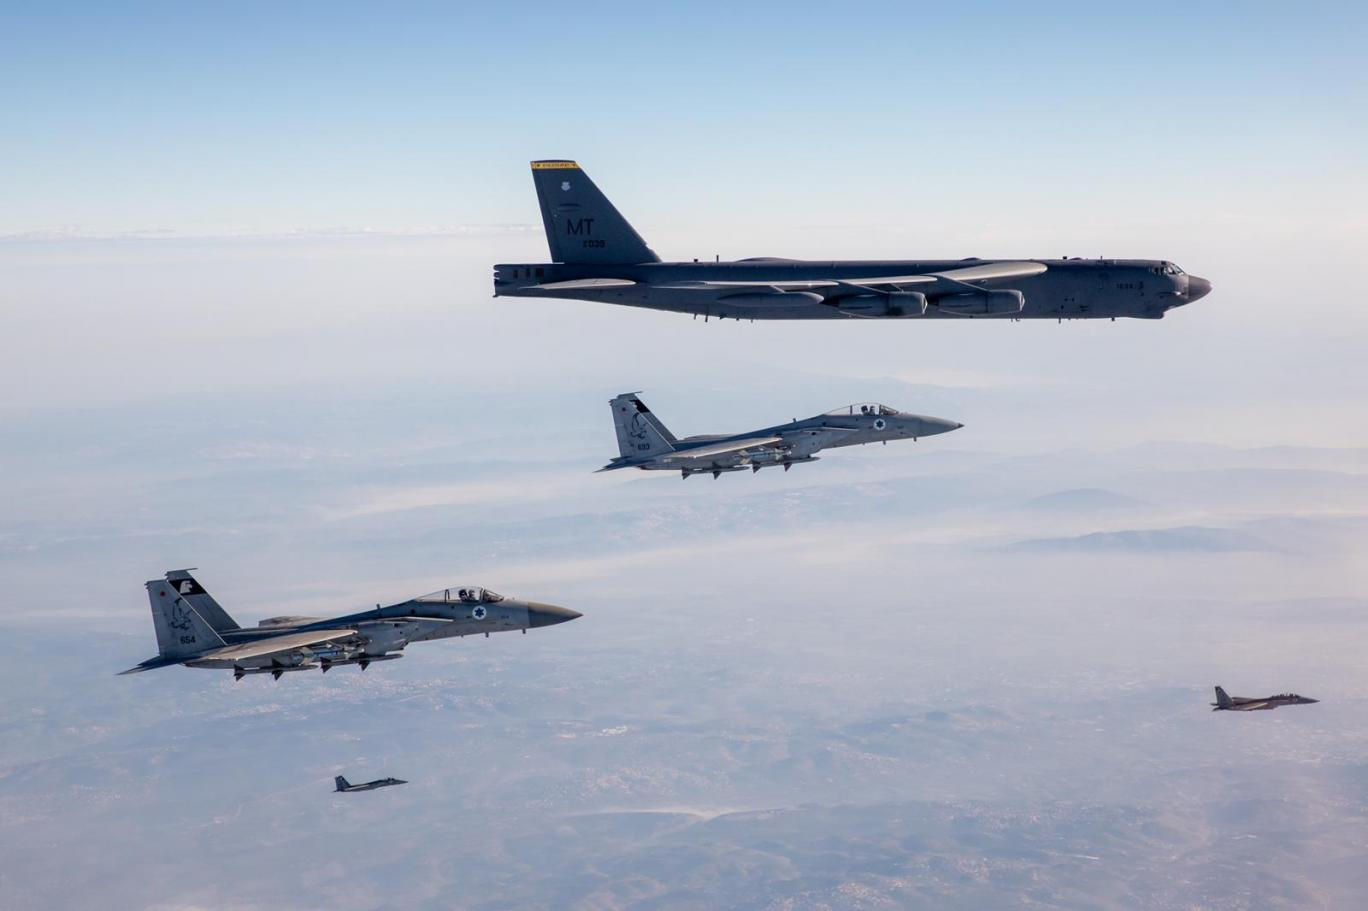 چرا جنگندههای نیروهای هوایی اسرائیل، انگلستان،  آمریکا و عربستان در نزدیکی ایران به پرواز درآمدند؟!